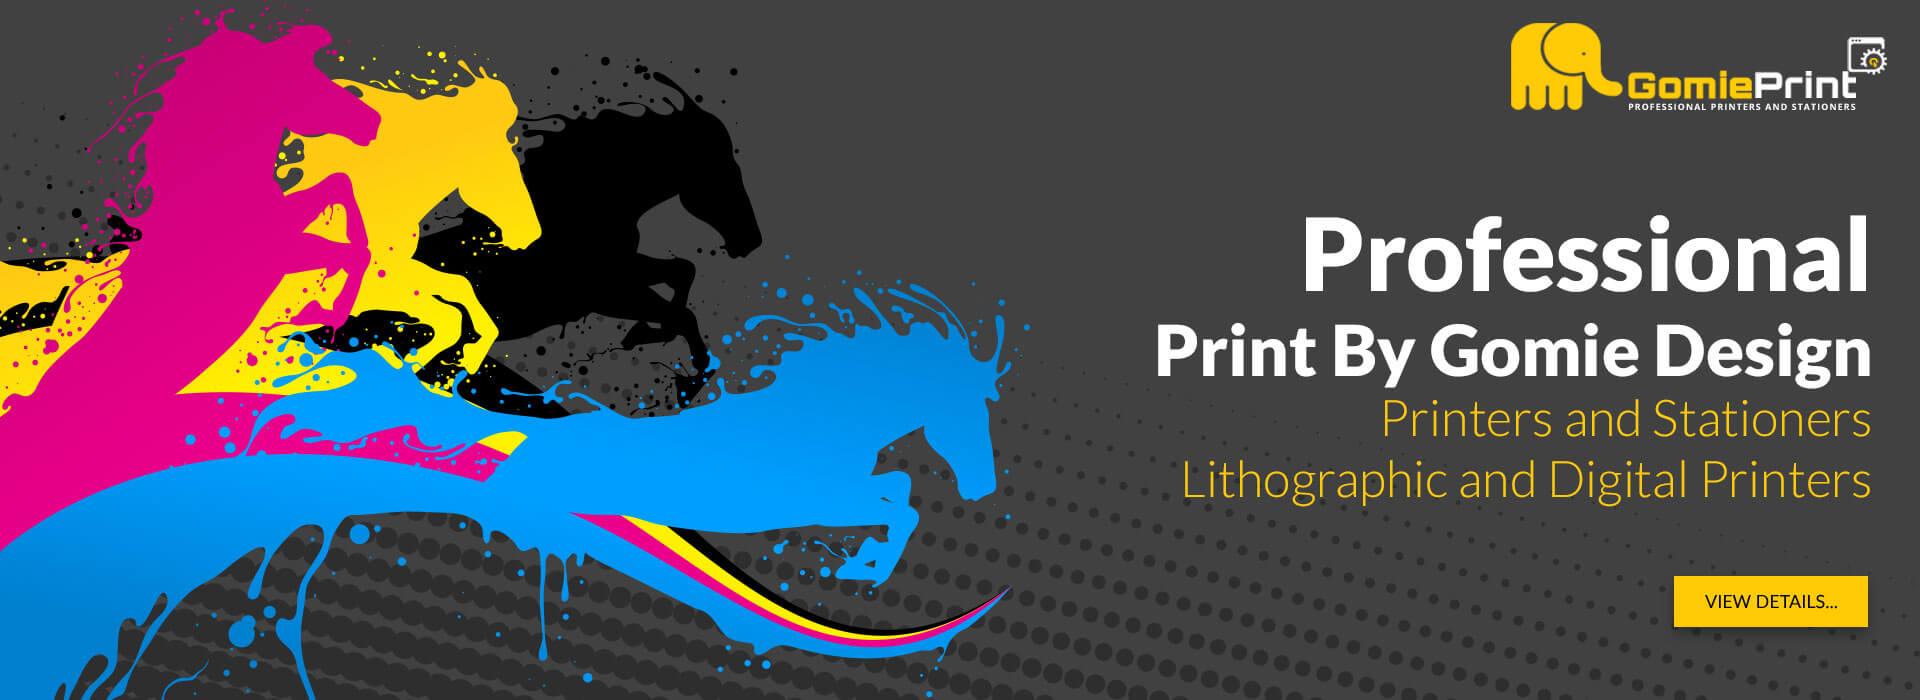 Gomie Print